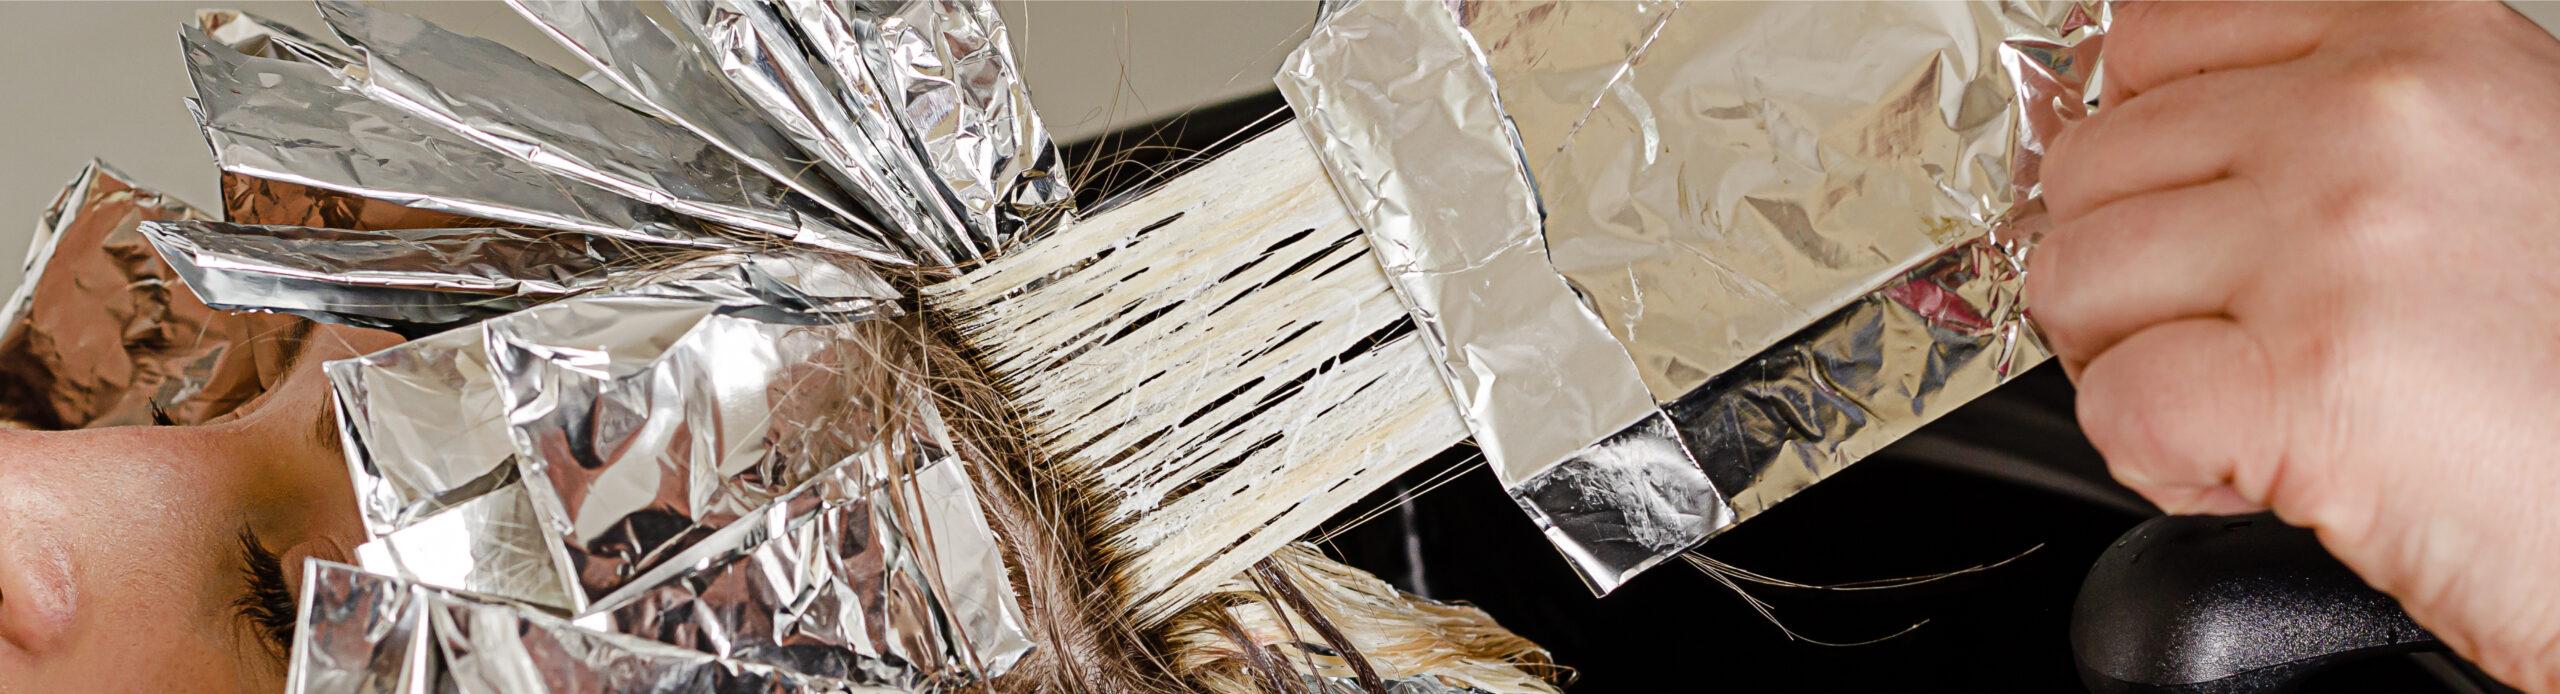 plaukų dažymas AirTouch technika